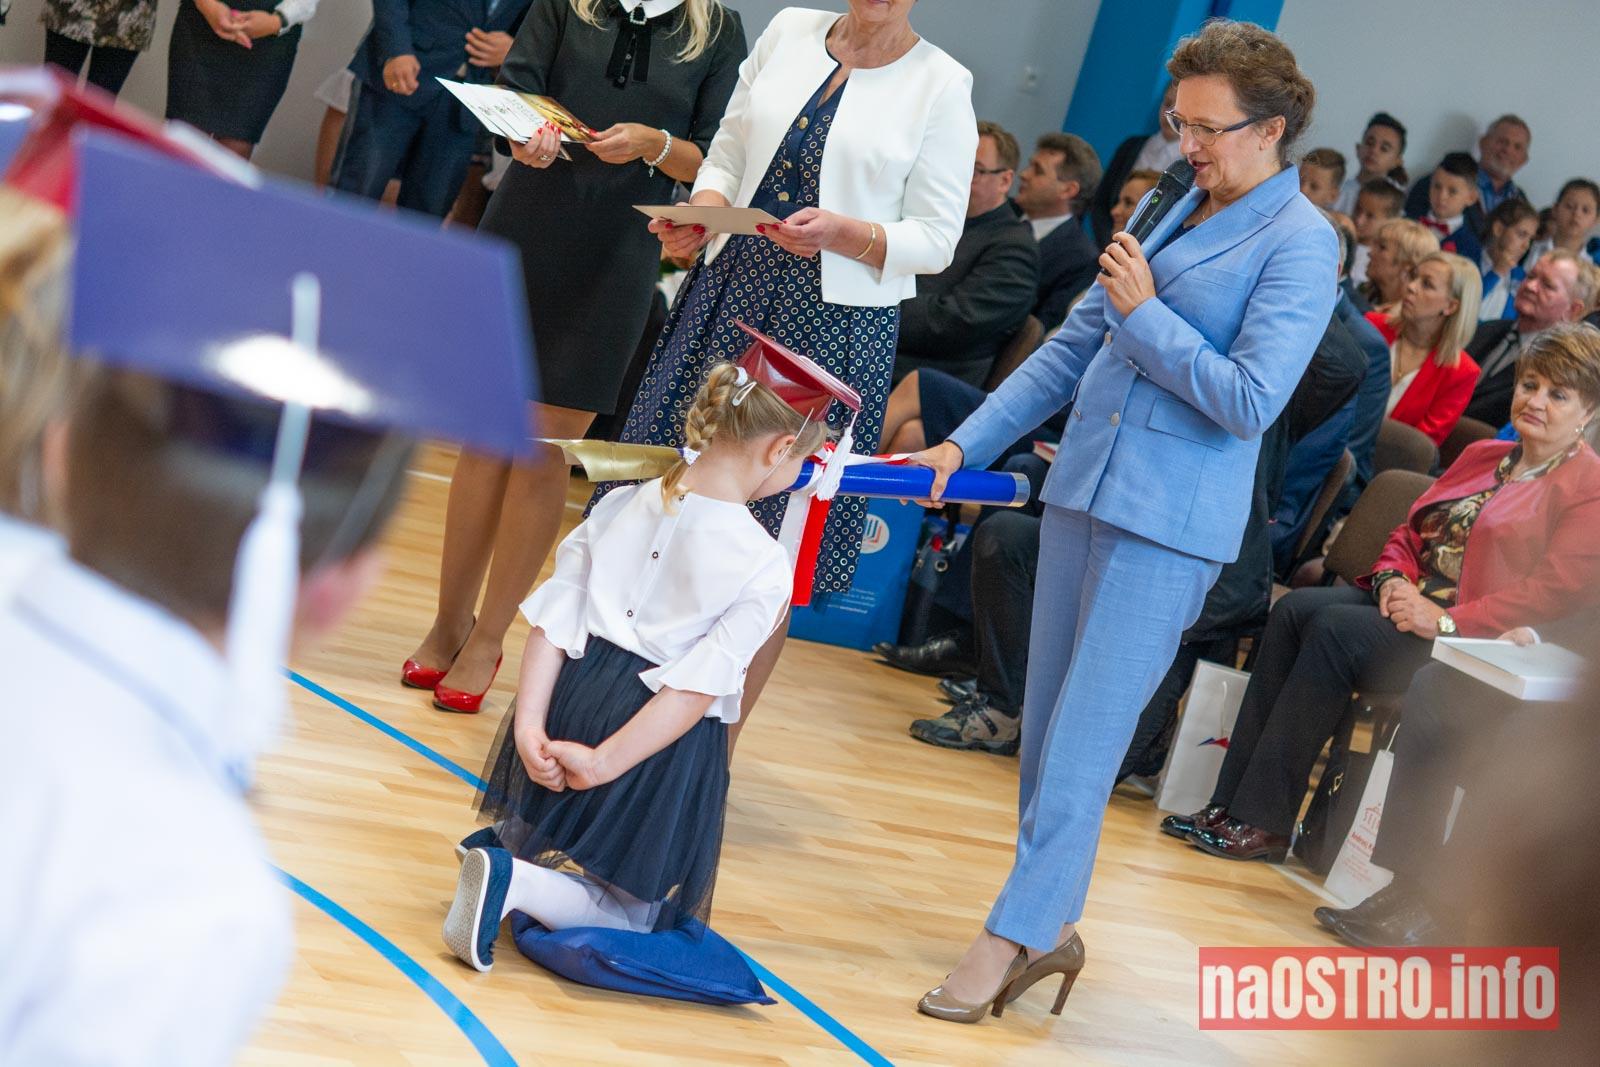 NaOSTRO Otwarcie Szkoły w Bałtowie-159